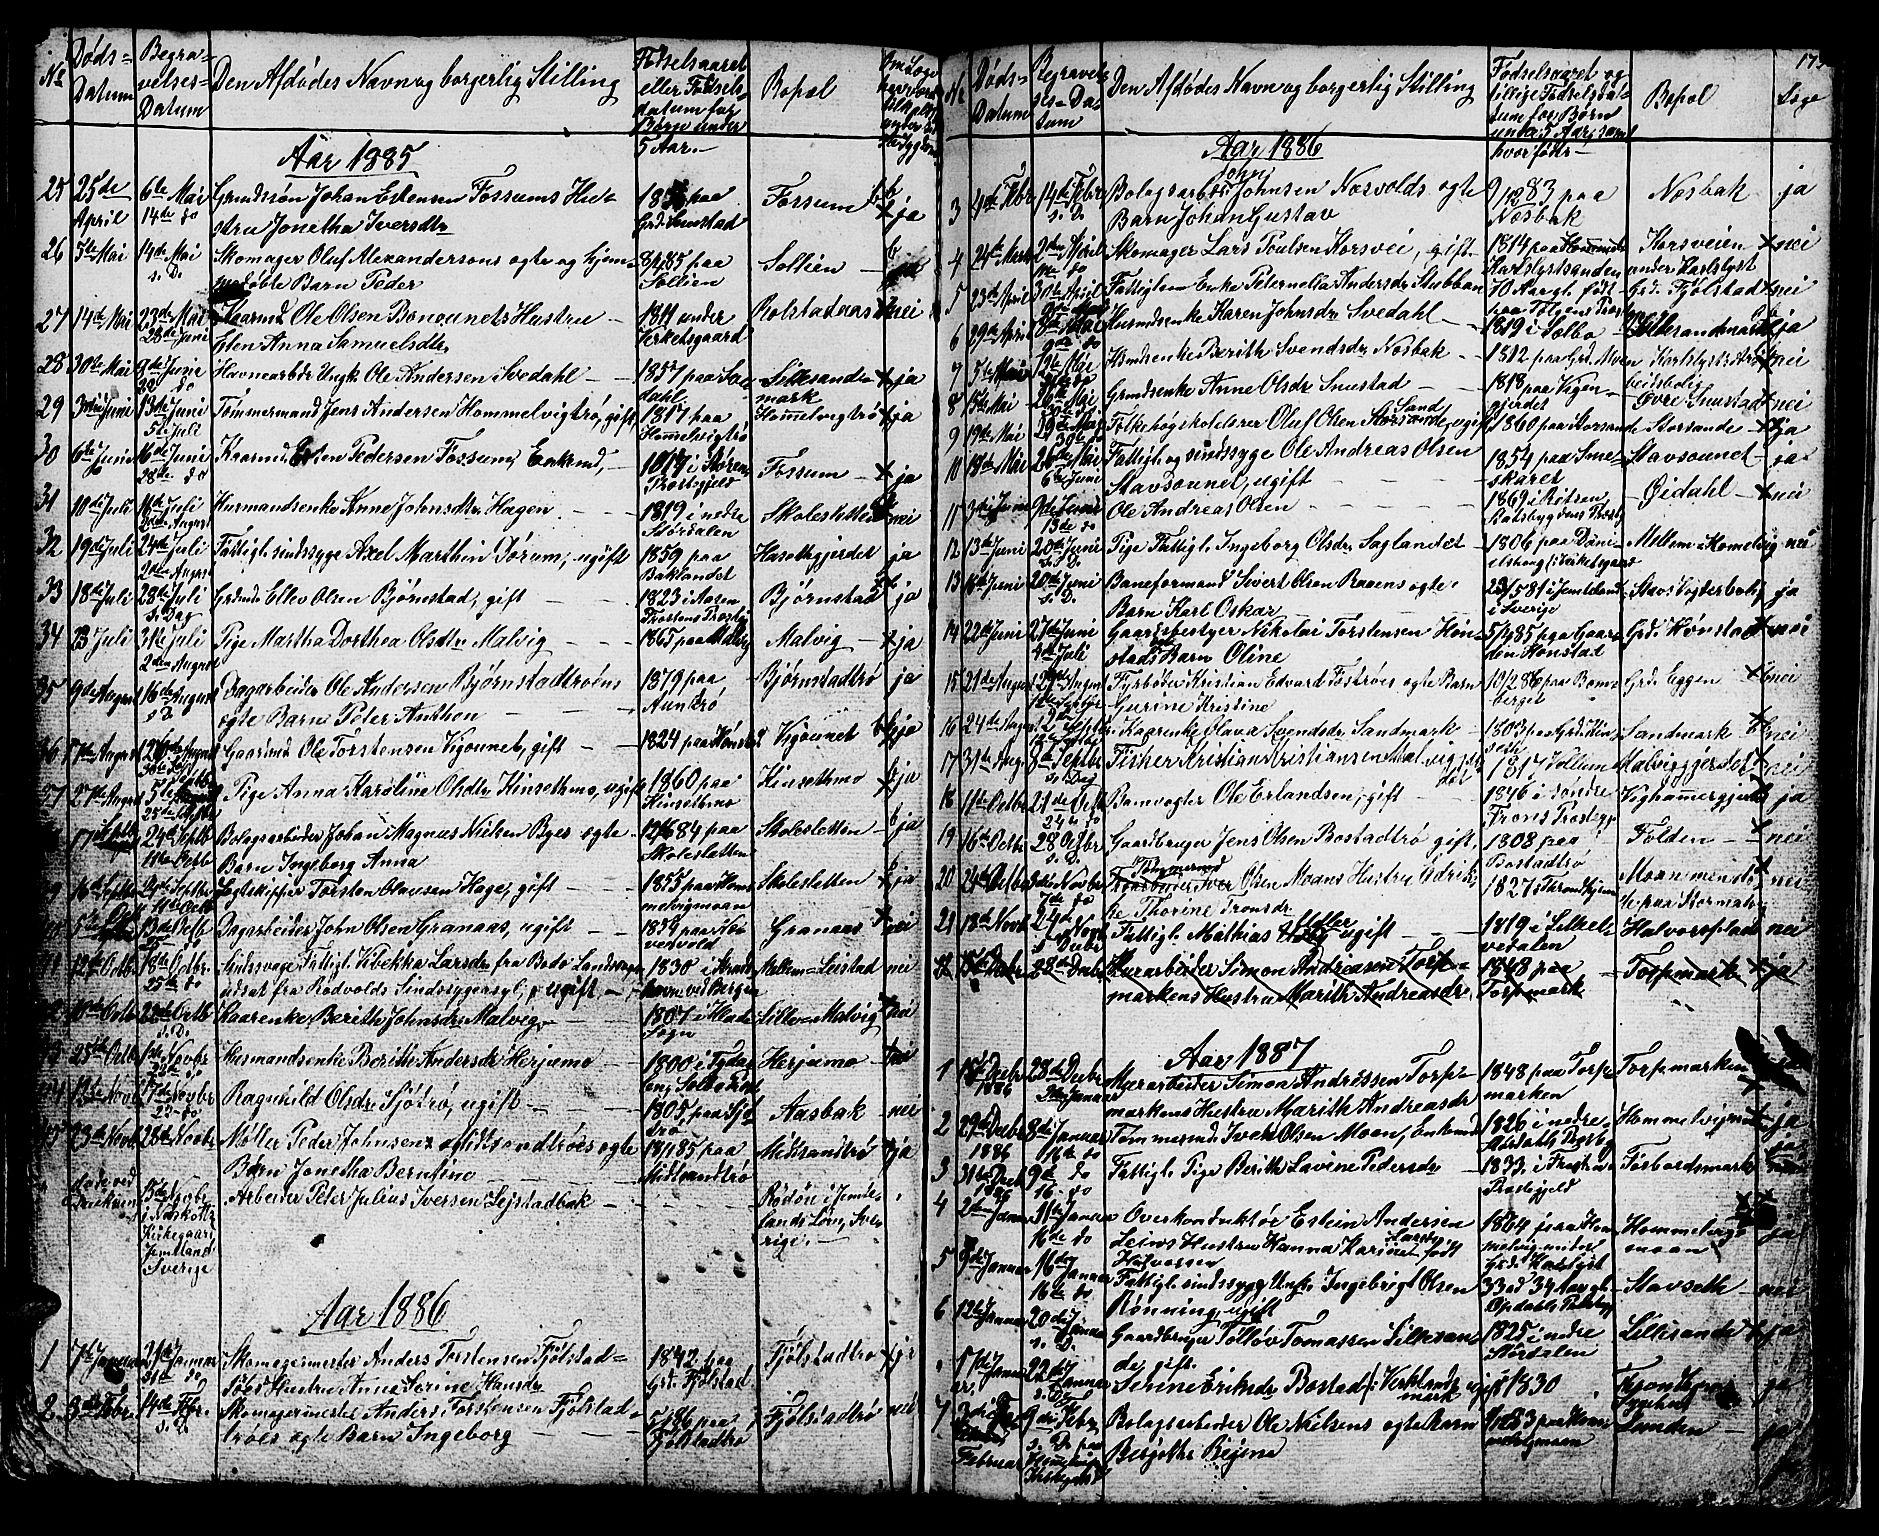 SAT, Ministerialprotokoller, klokkerbøker og fødselsregistre - Sør-Trøndelag, 616/L0422: Klokkerbok nr. 616C05, 1850-1888, s. 173